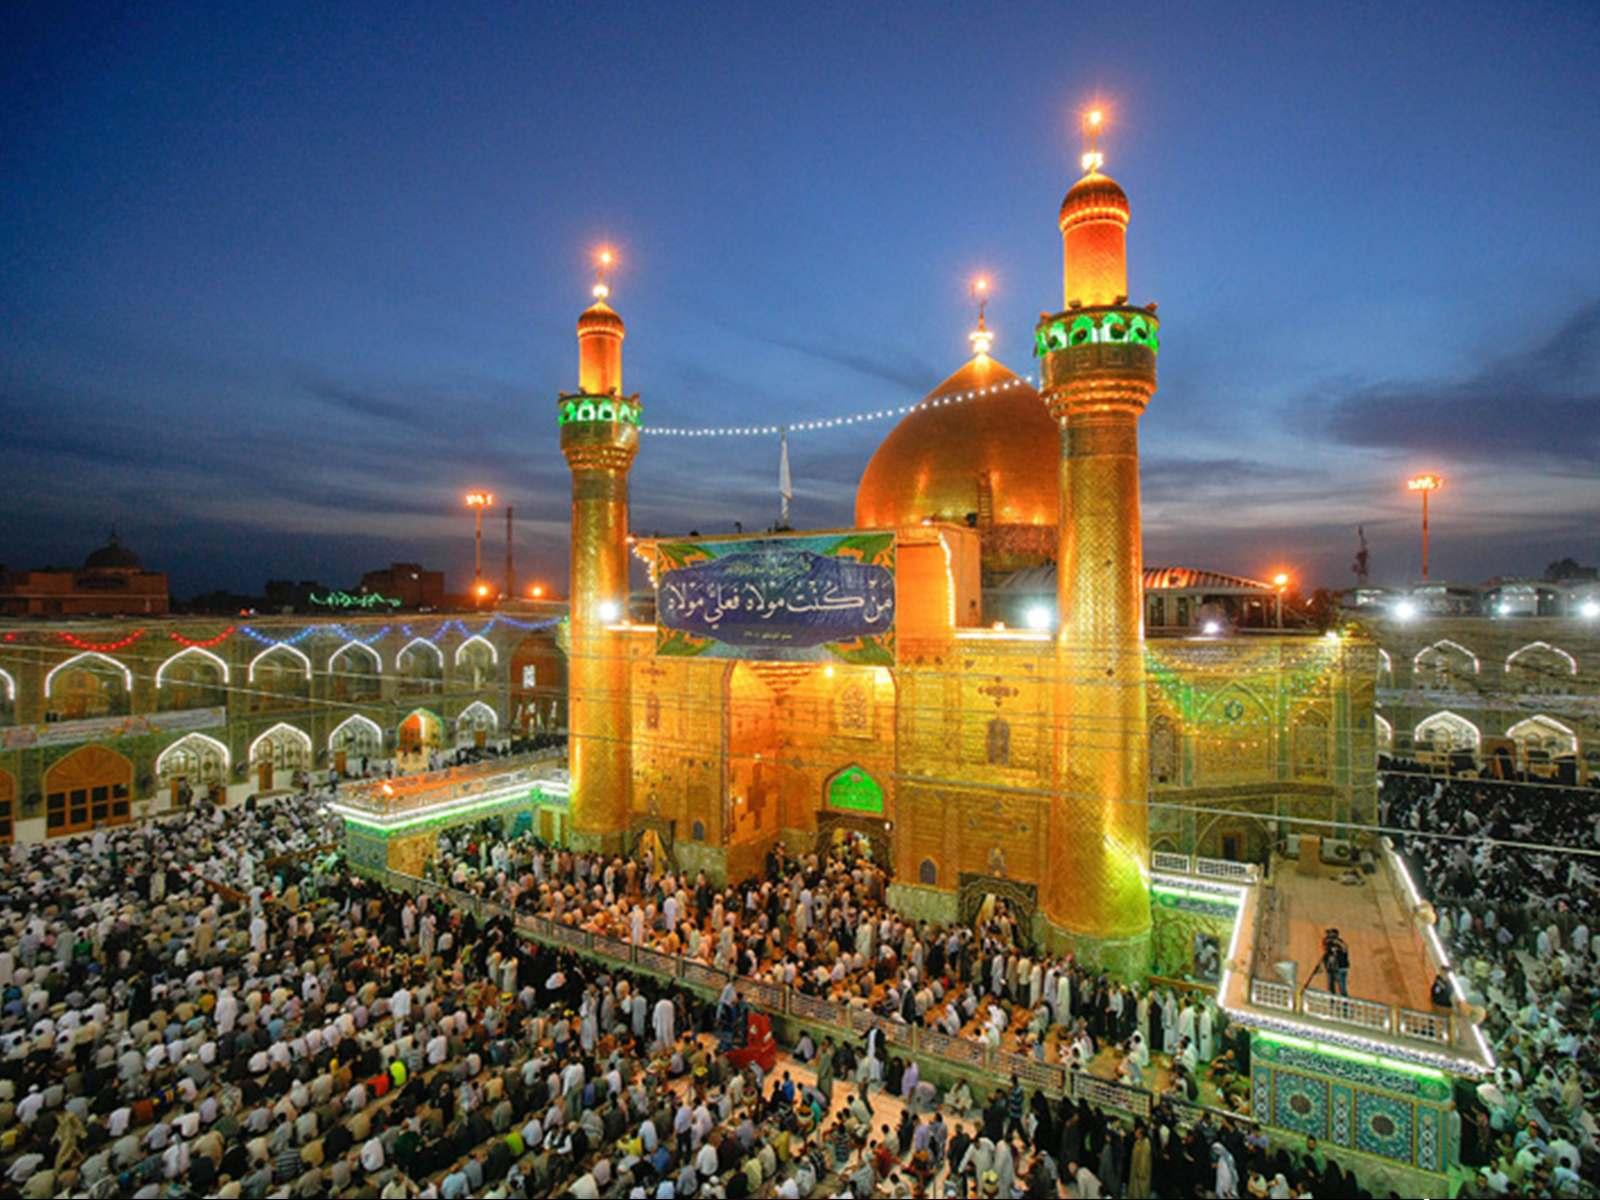 حرم حضرت علی (ع) واقع در کوفه